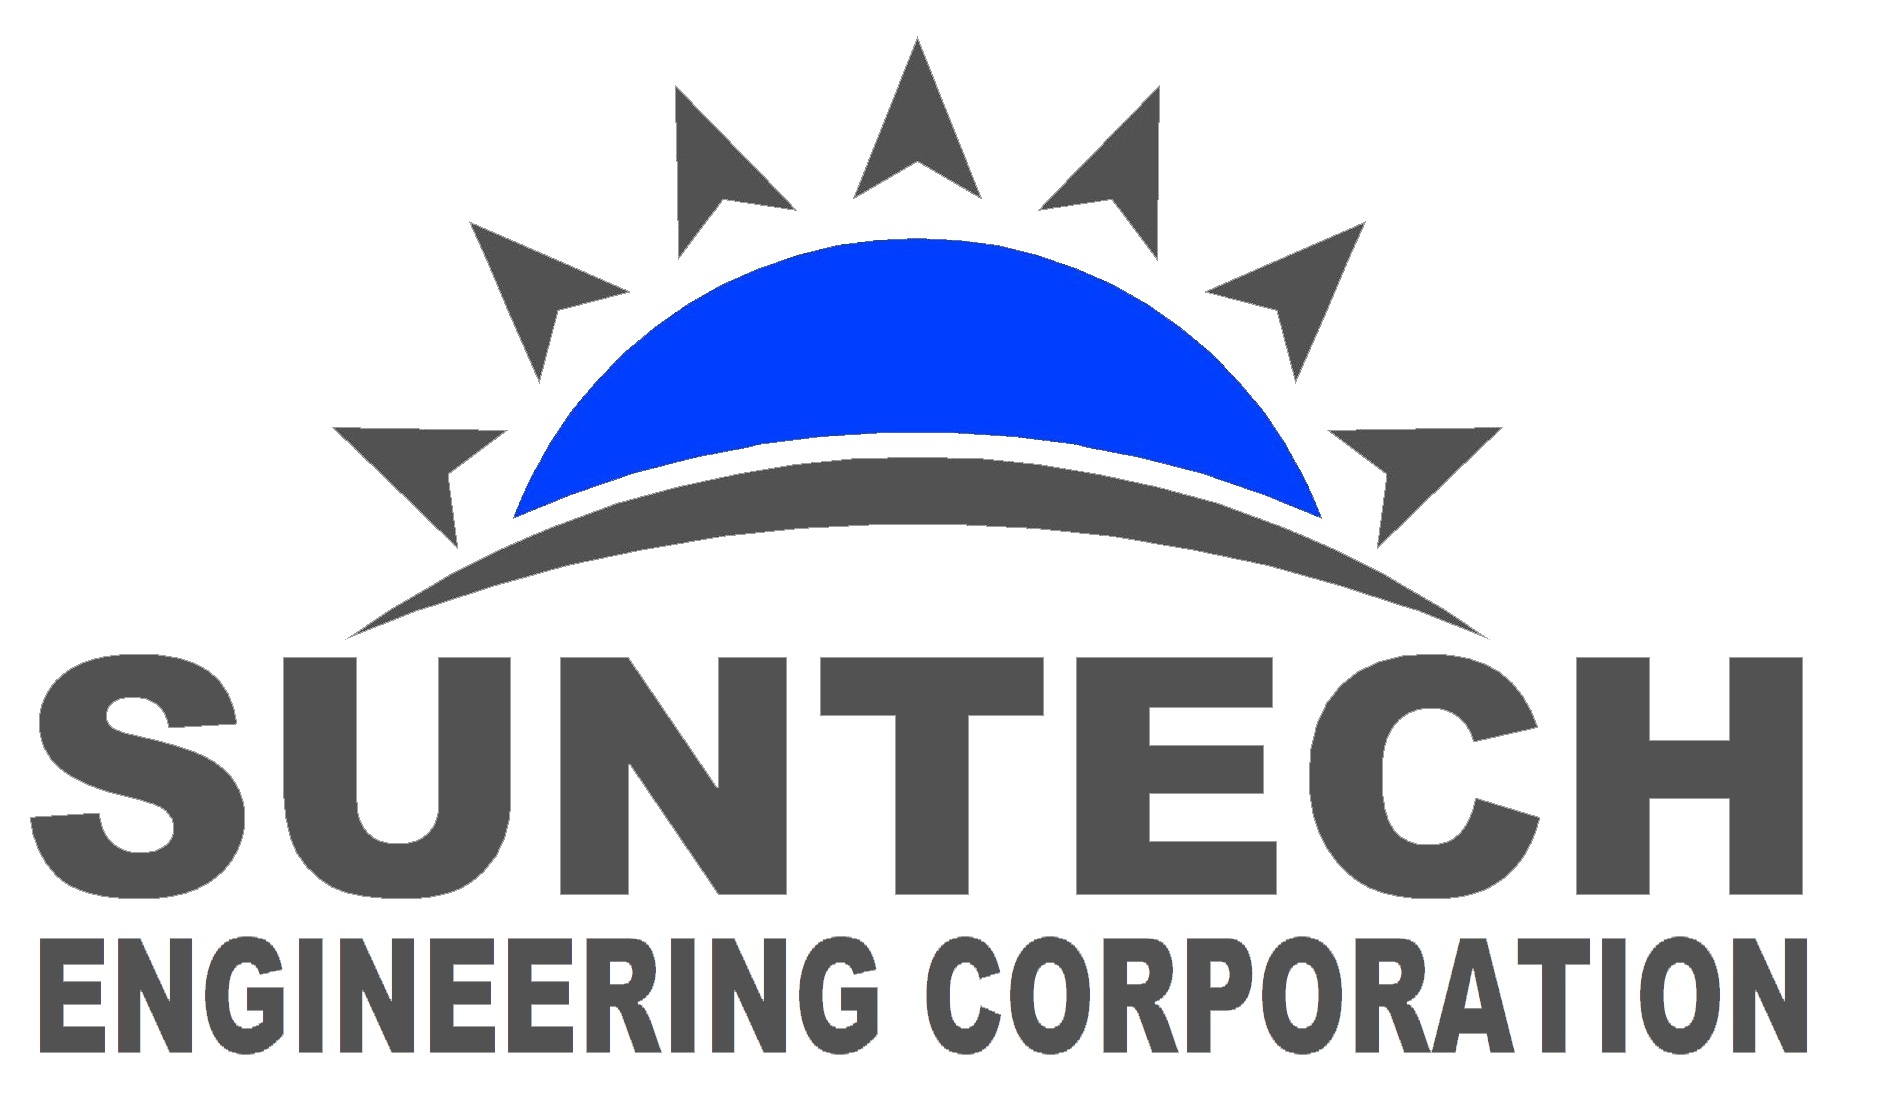 SUNTECH ENGINEERING CORPORATION